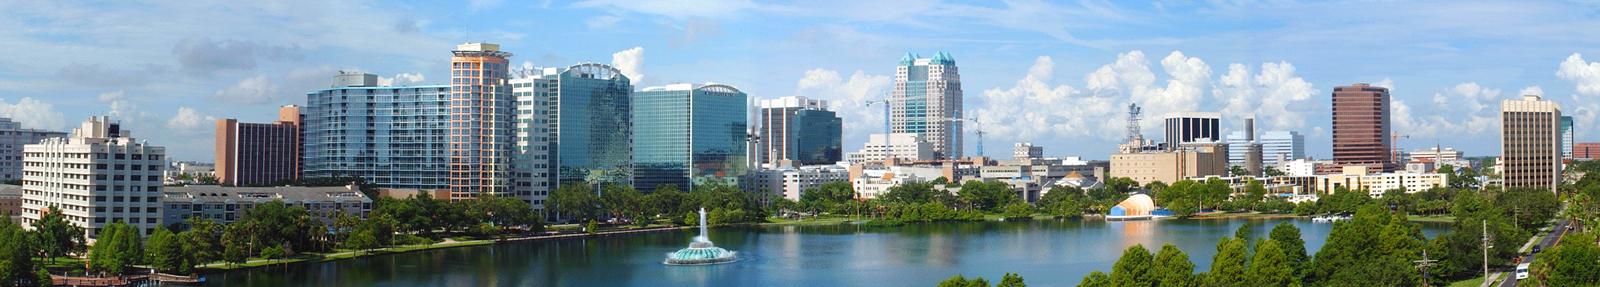 FCPG Orlando, FL